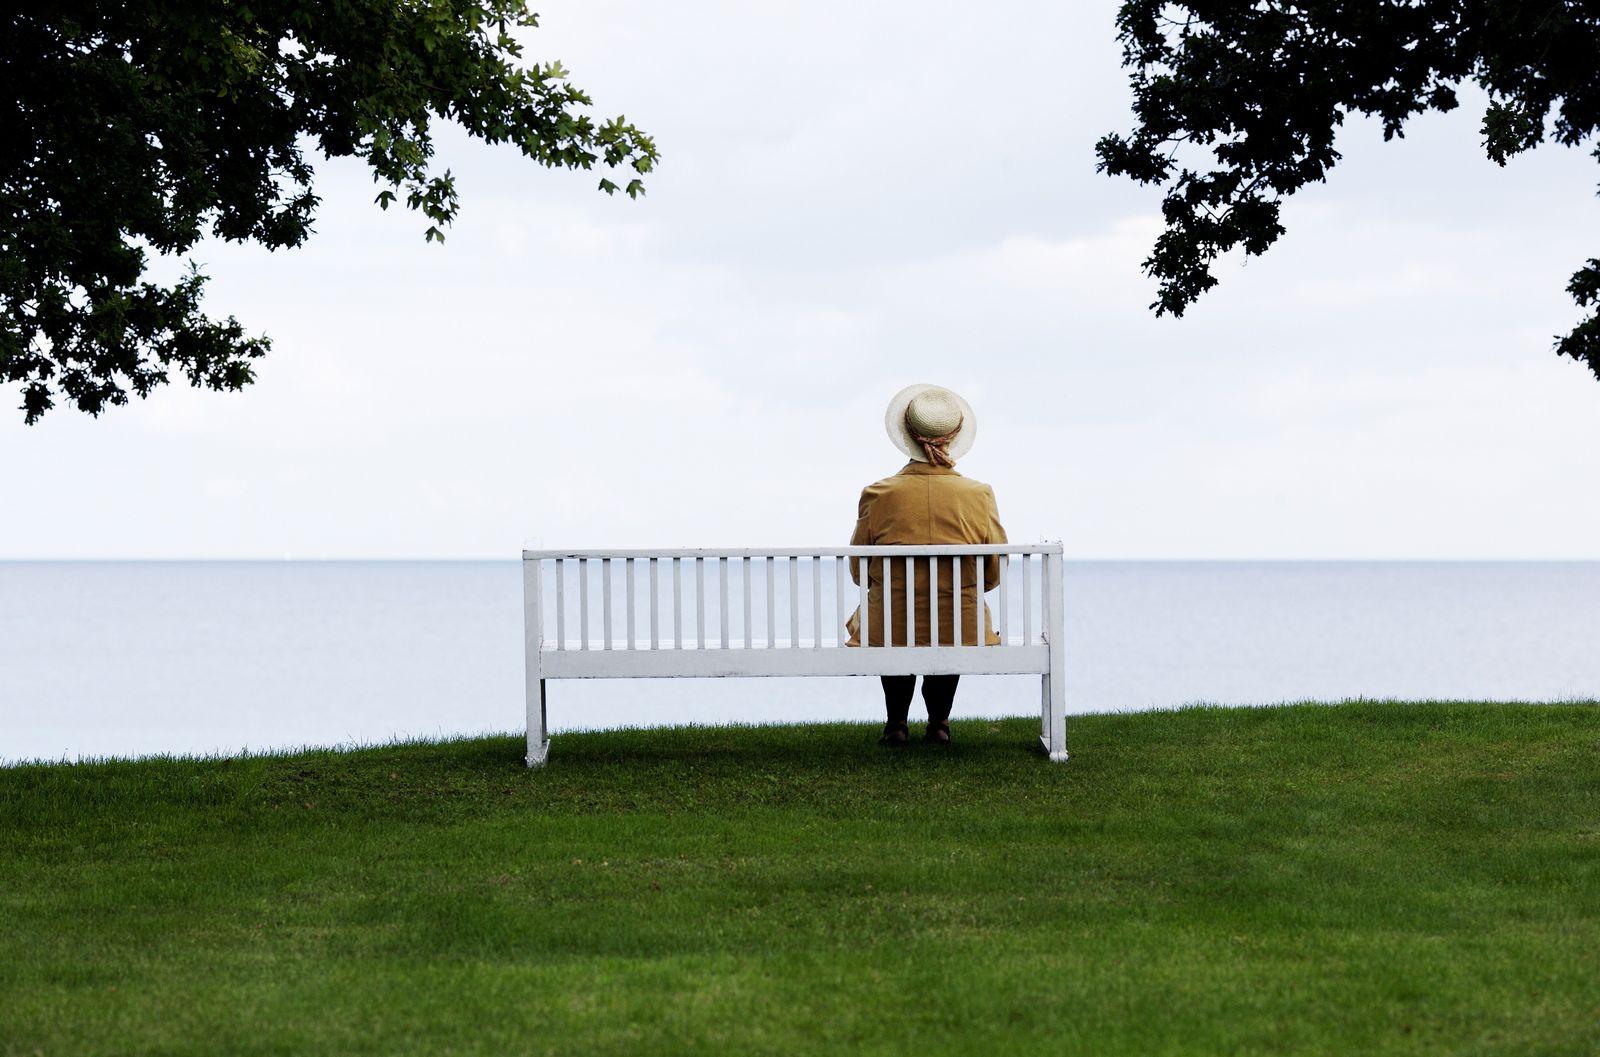 NICHT MEHR VERWENDEN! - Senioren / Einsamkeit